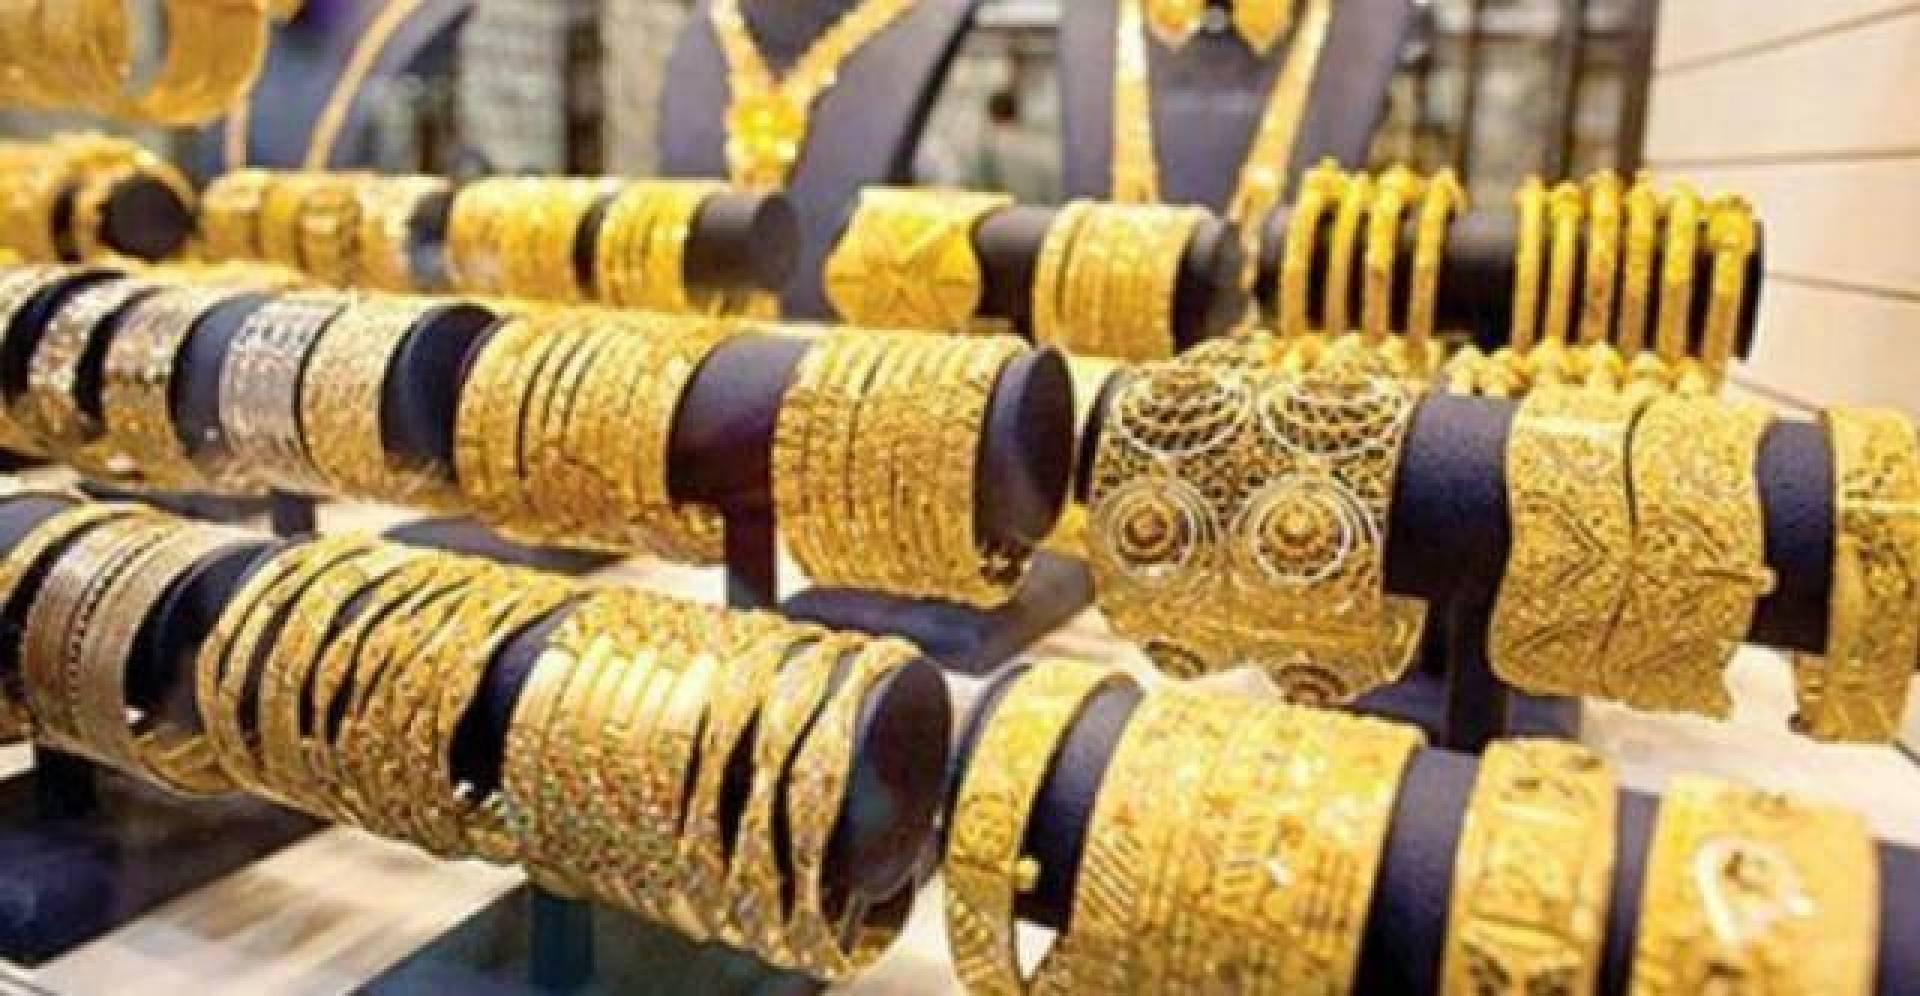 كم سعر الذهب في السودان جميع العيارات اليوم 17-01-2021